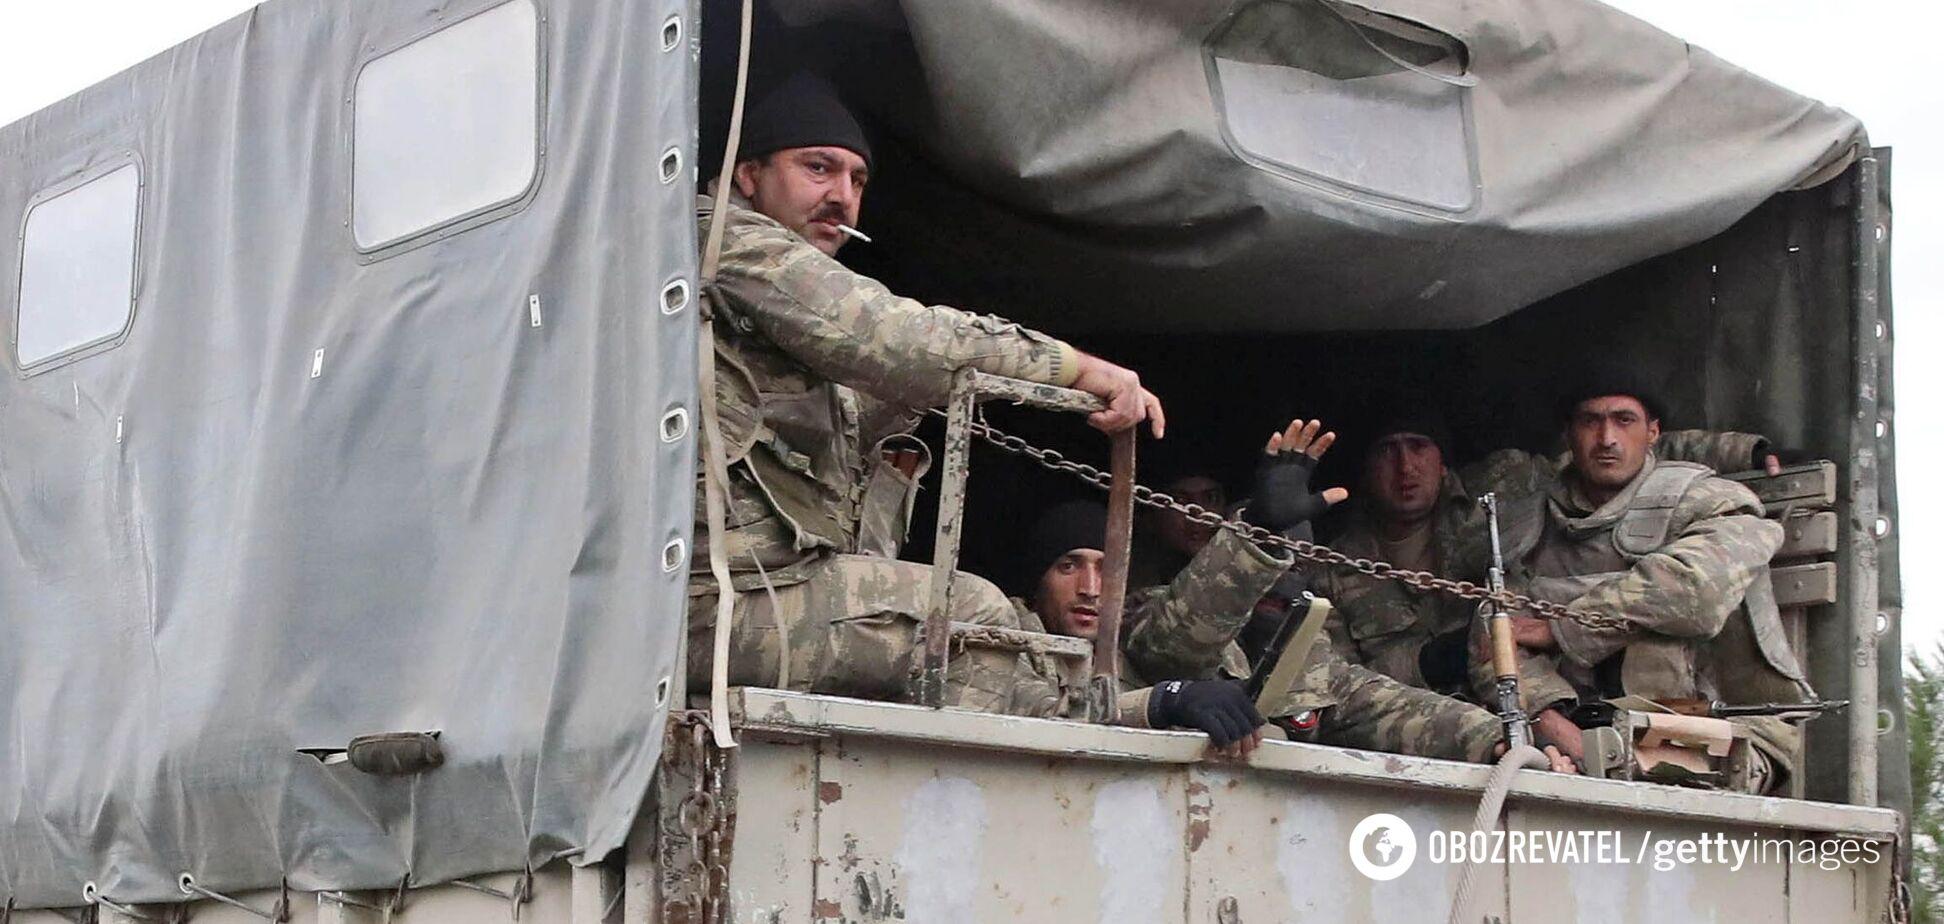 Між Азербайджаном і Вірменією триває війна за територію Нагірного Карабаху